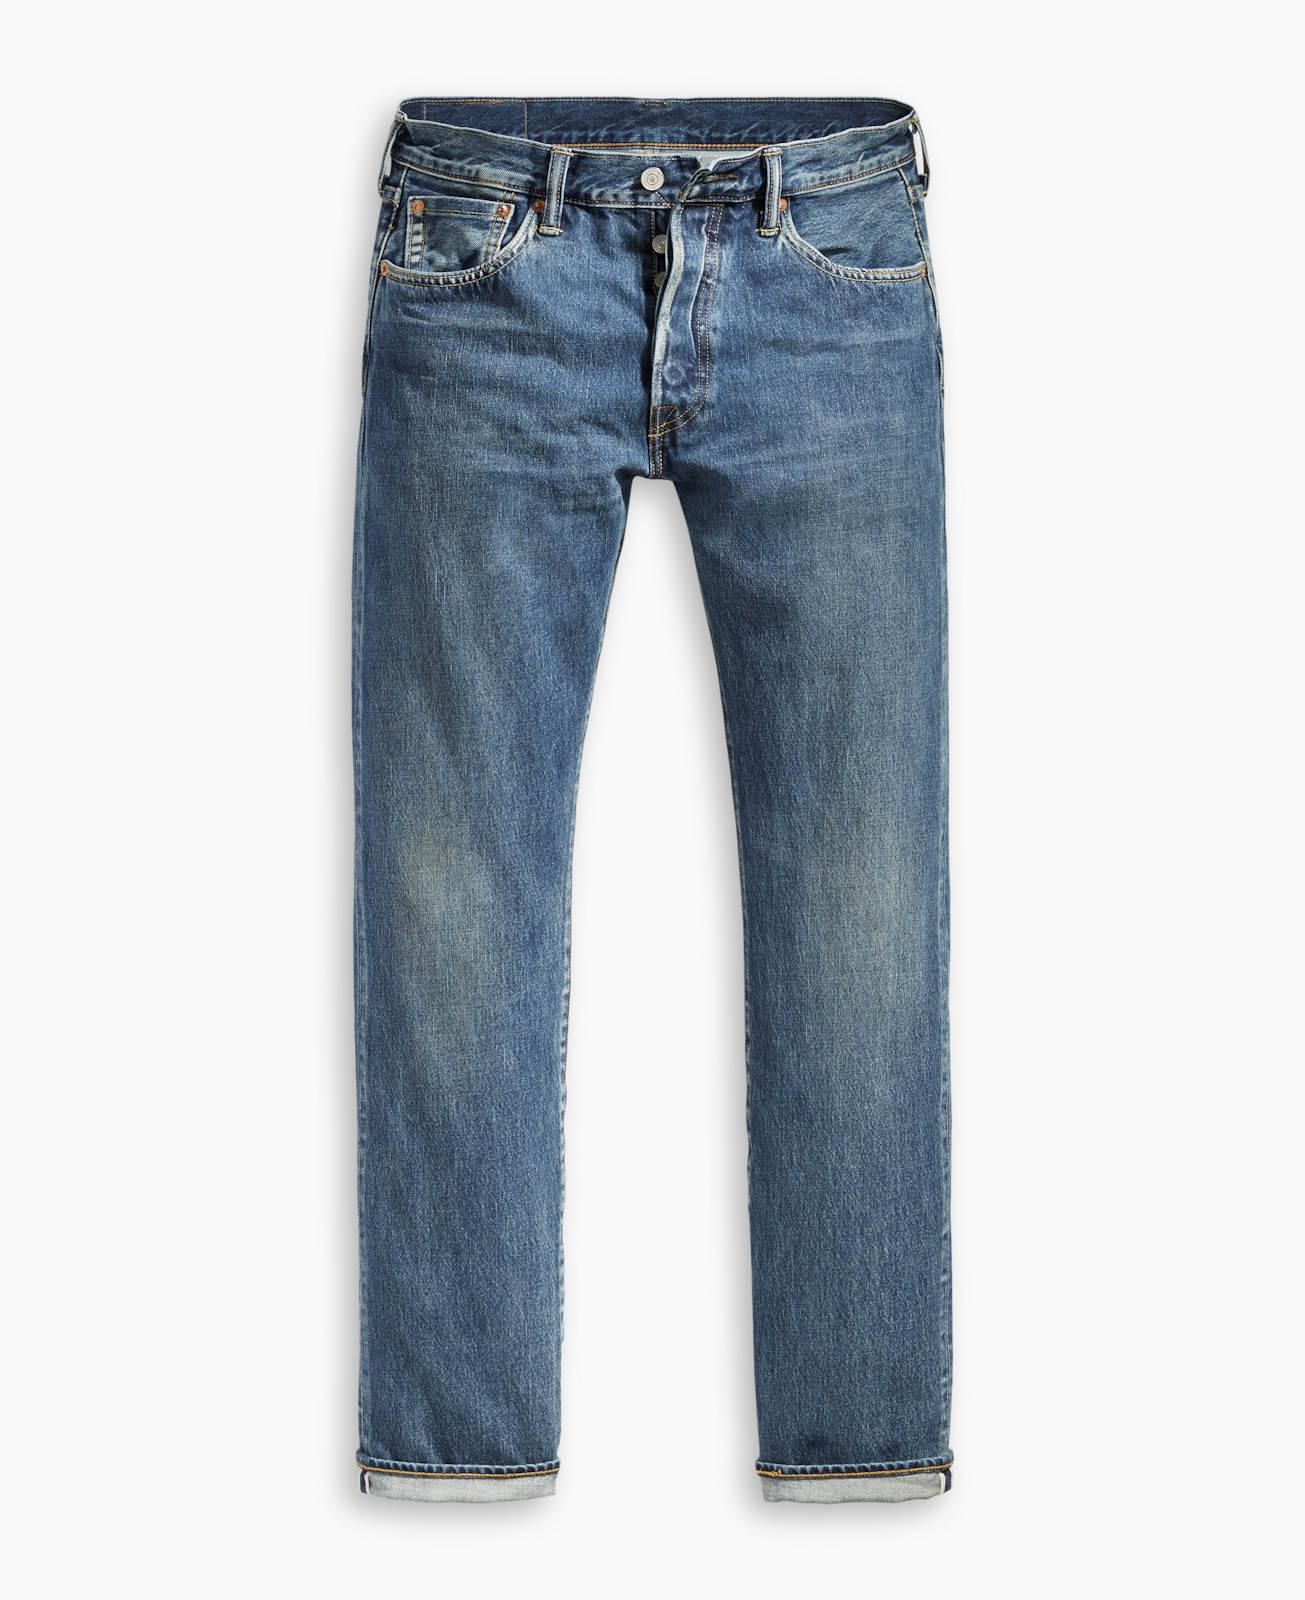 levis 501 jeans herren hose original fit electric ave warp denim 00501 2575 ebay. Black Bedroom Furniture Sets. Home Design Ideas